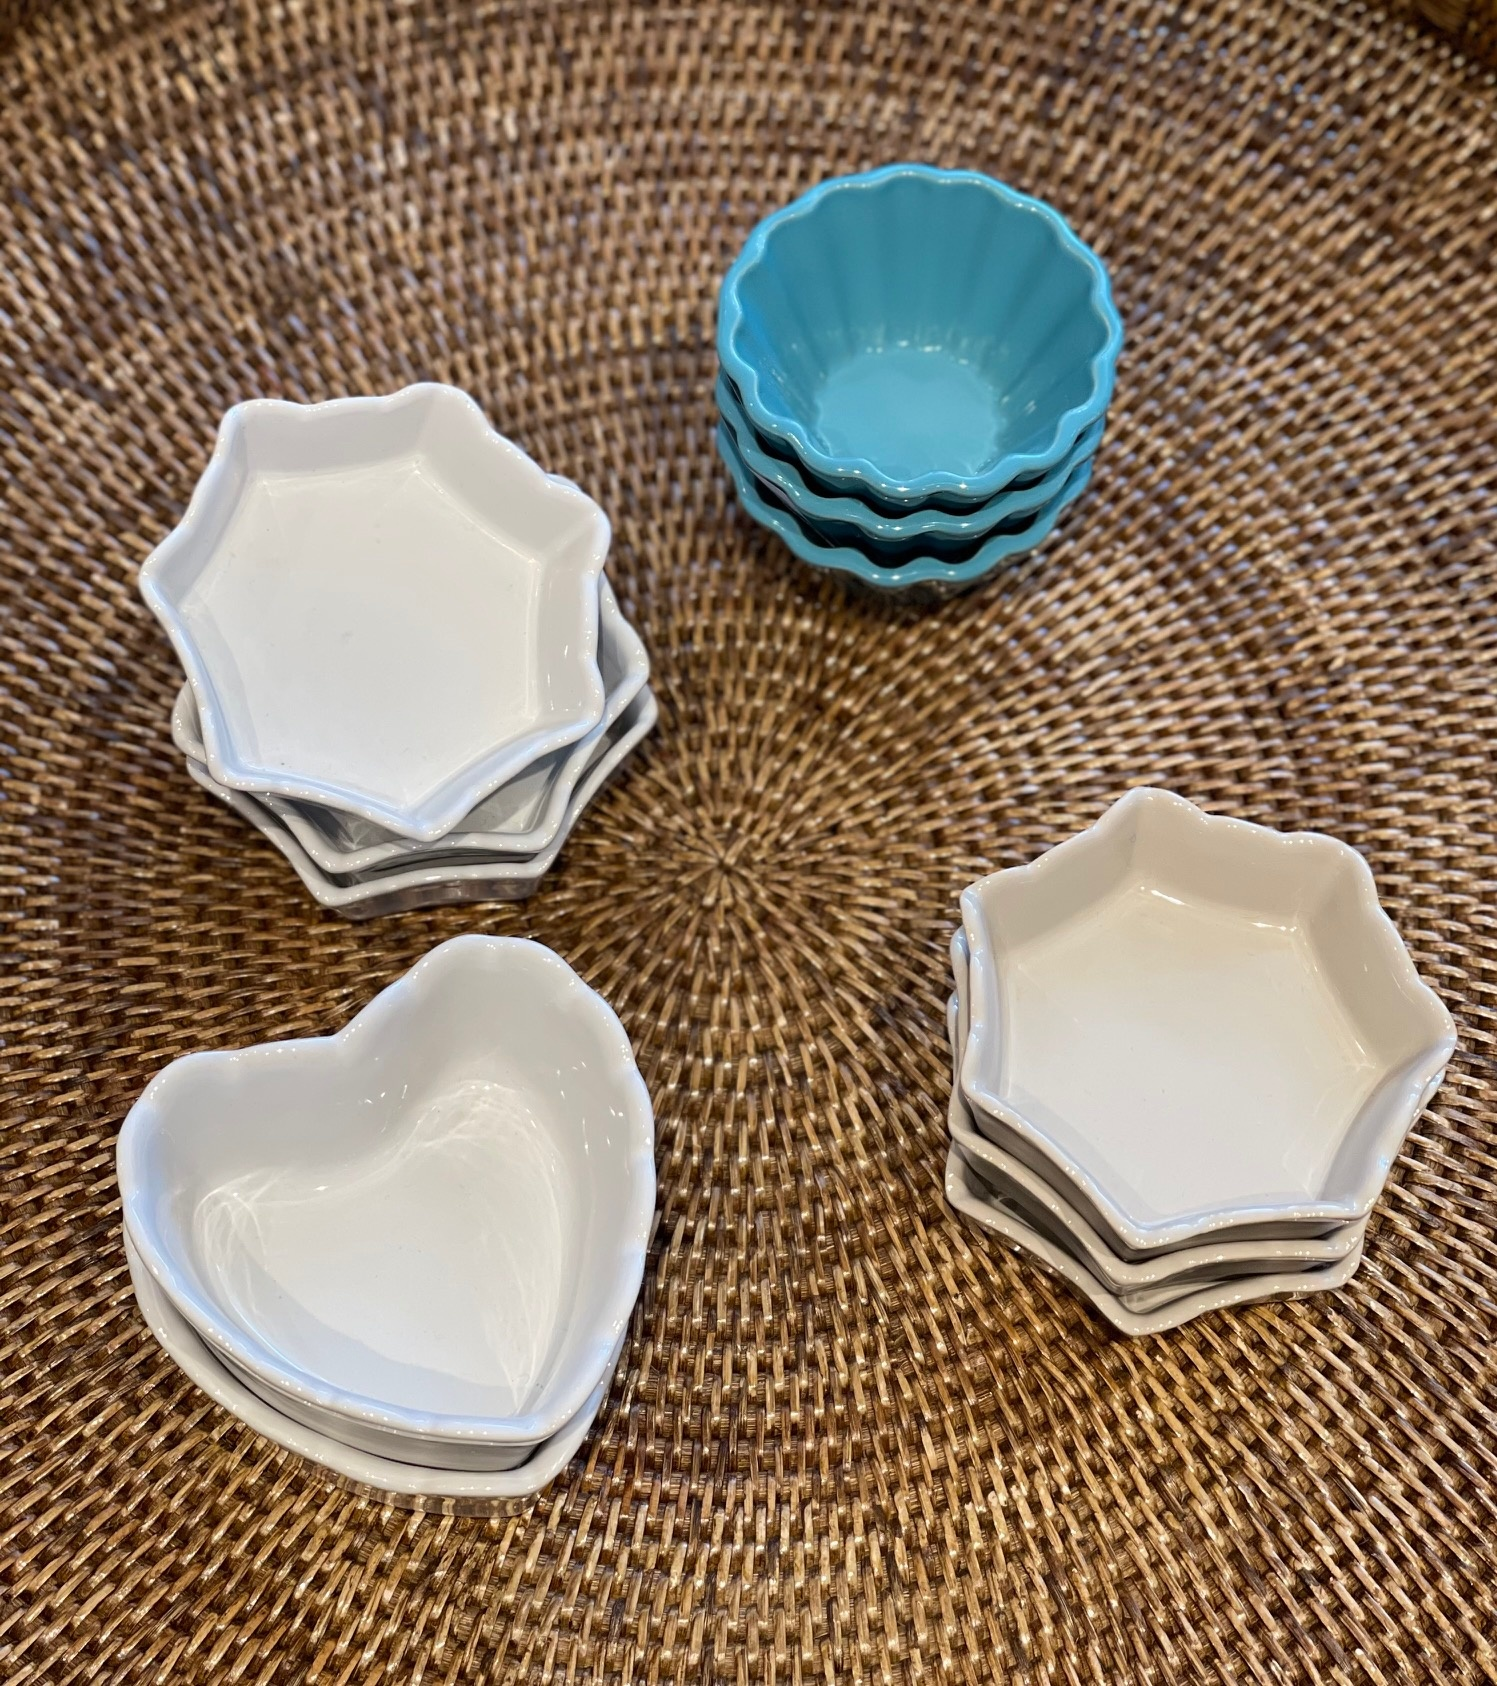 Flan Dish - Sm - Turquoise-1